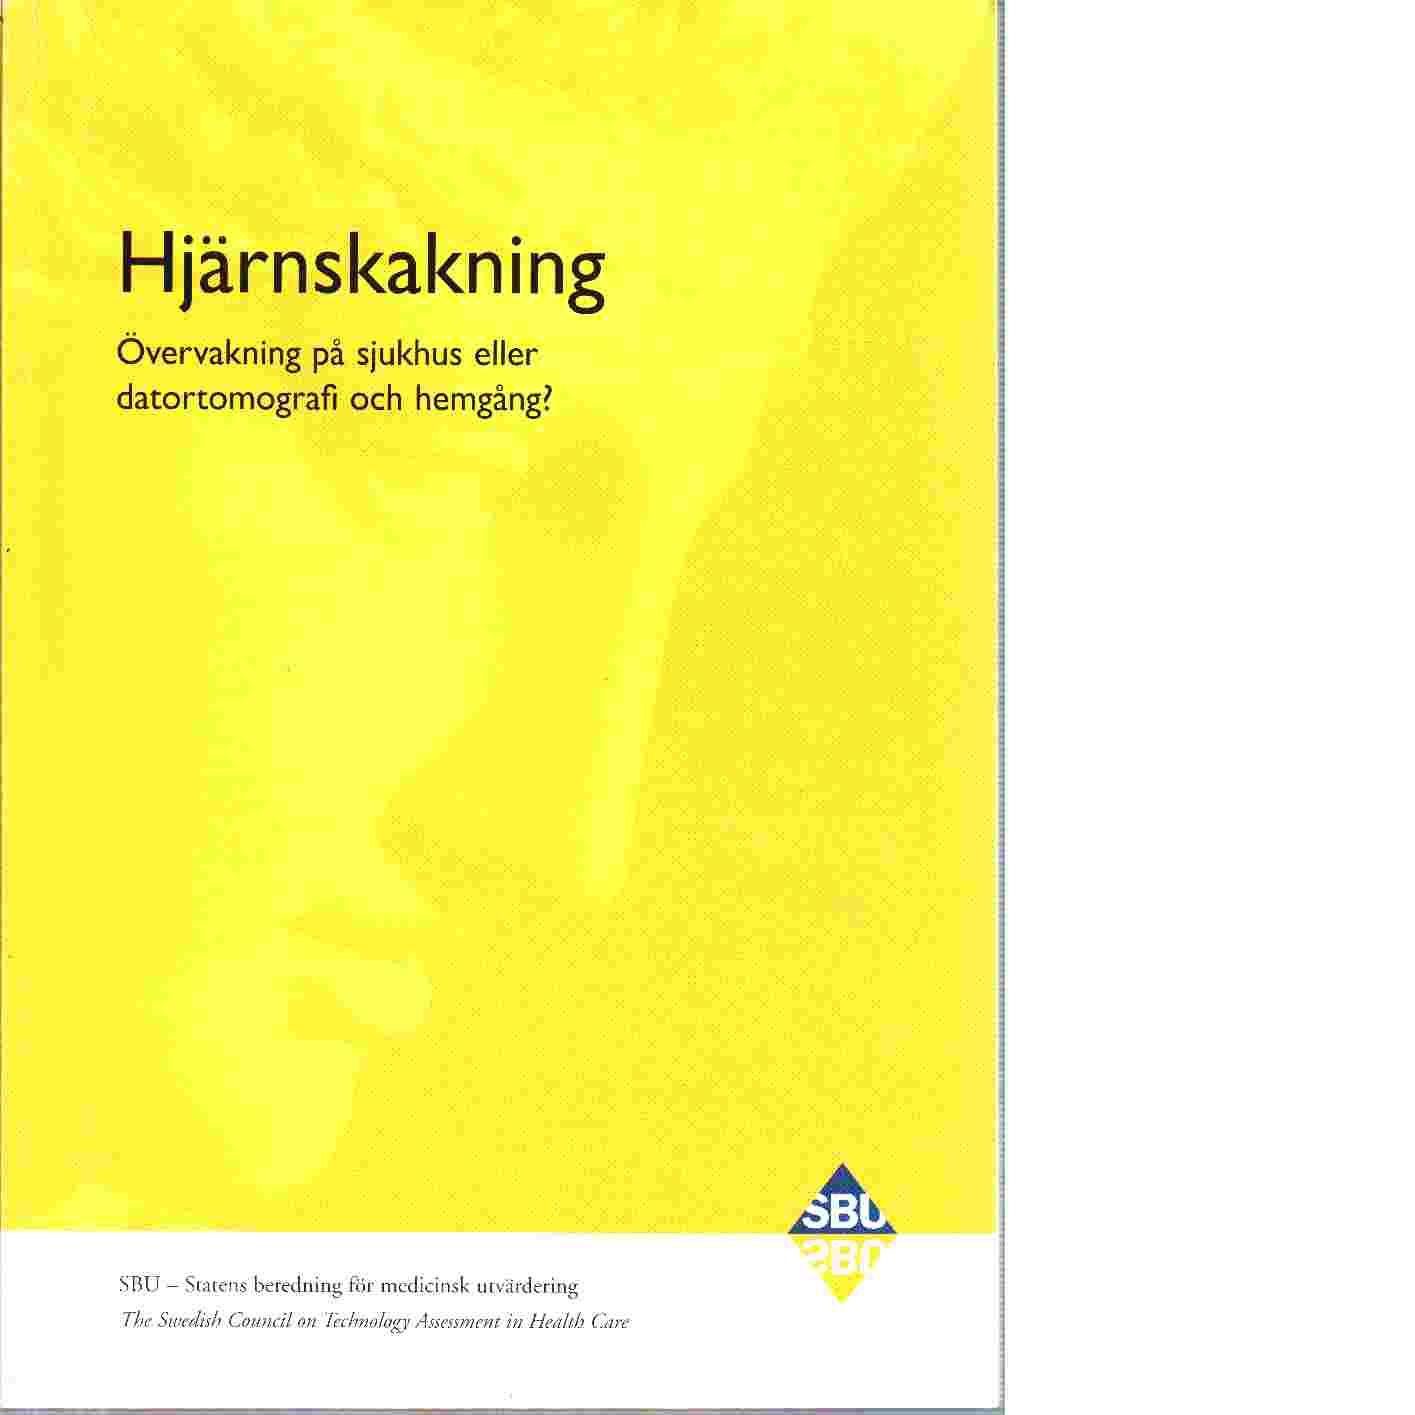 Hjärnskakning : övervakning på sjukhus eller datortomografi och hemgång? - Statens beredning för medicinsk utvärdering